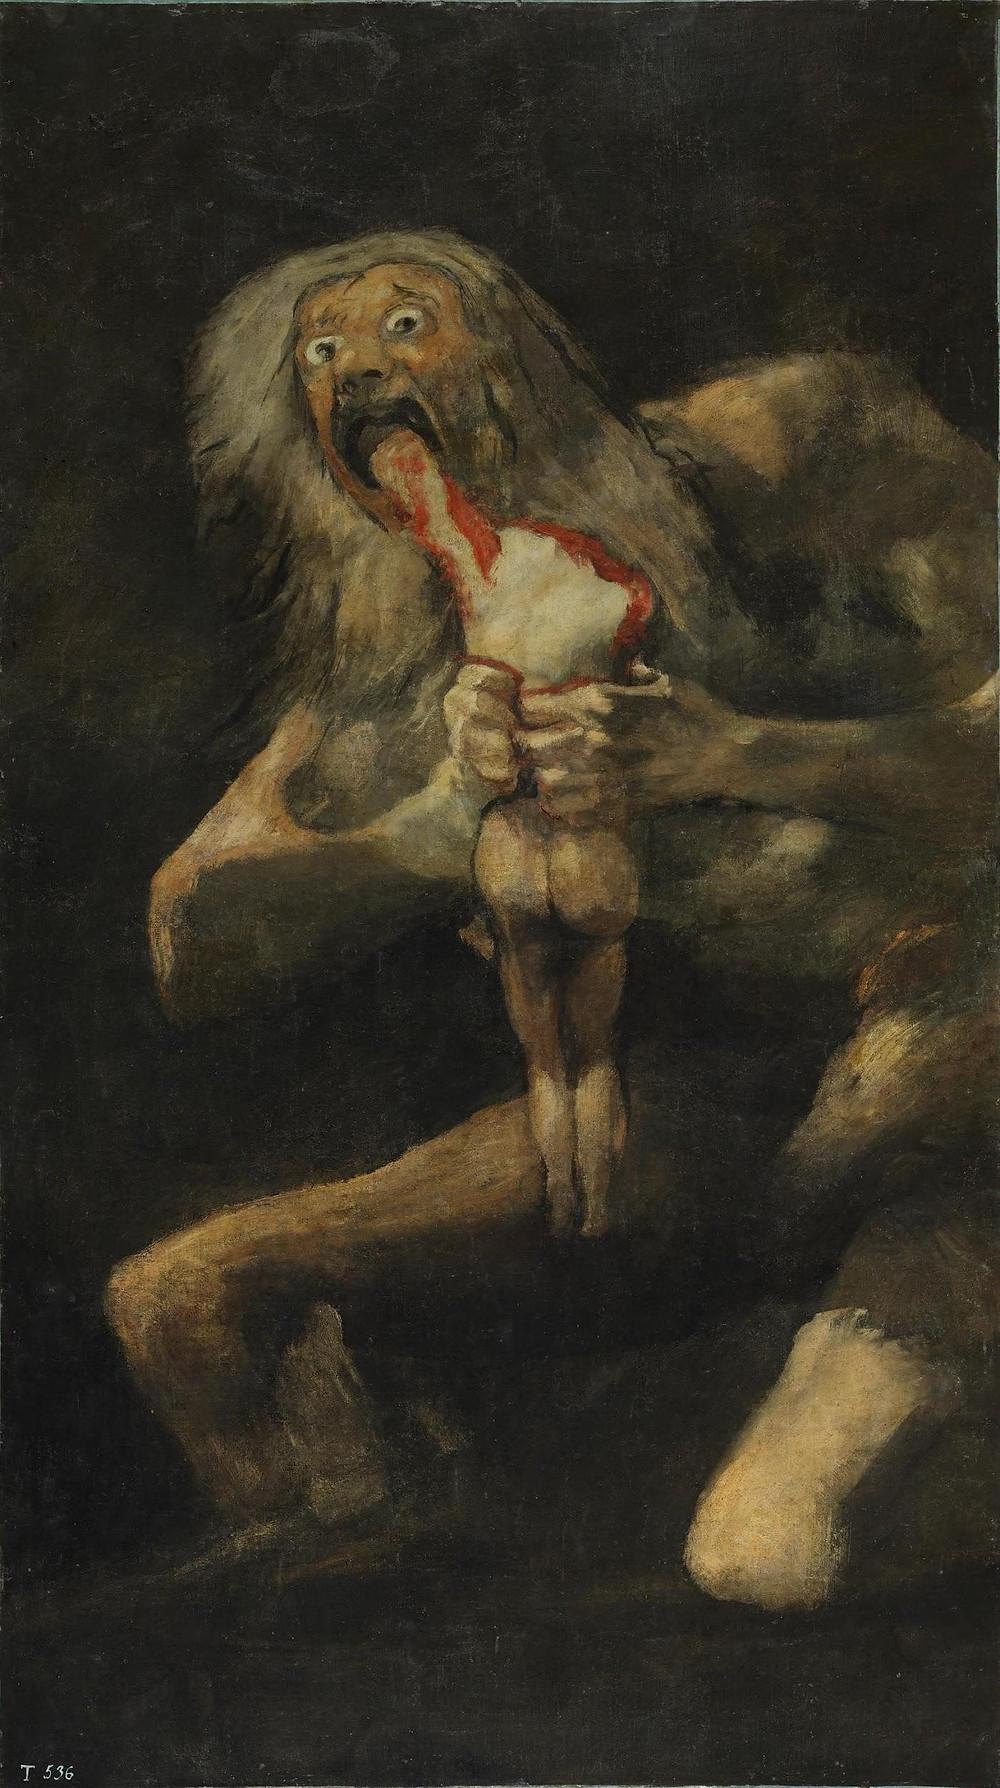 لوحة للفنان فرانثيسكو غويا بعنوان : زاتورن يلتهم ابنه